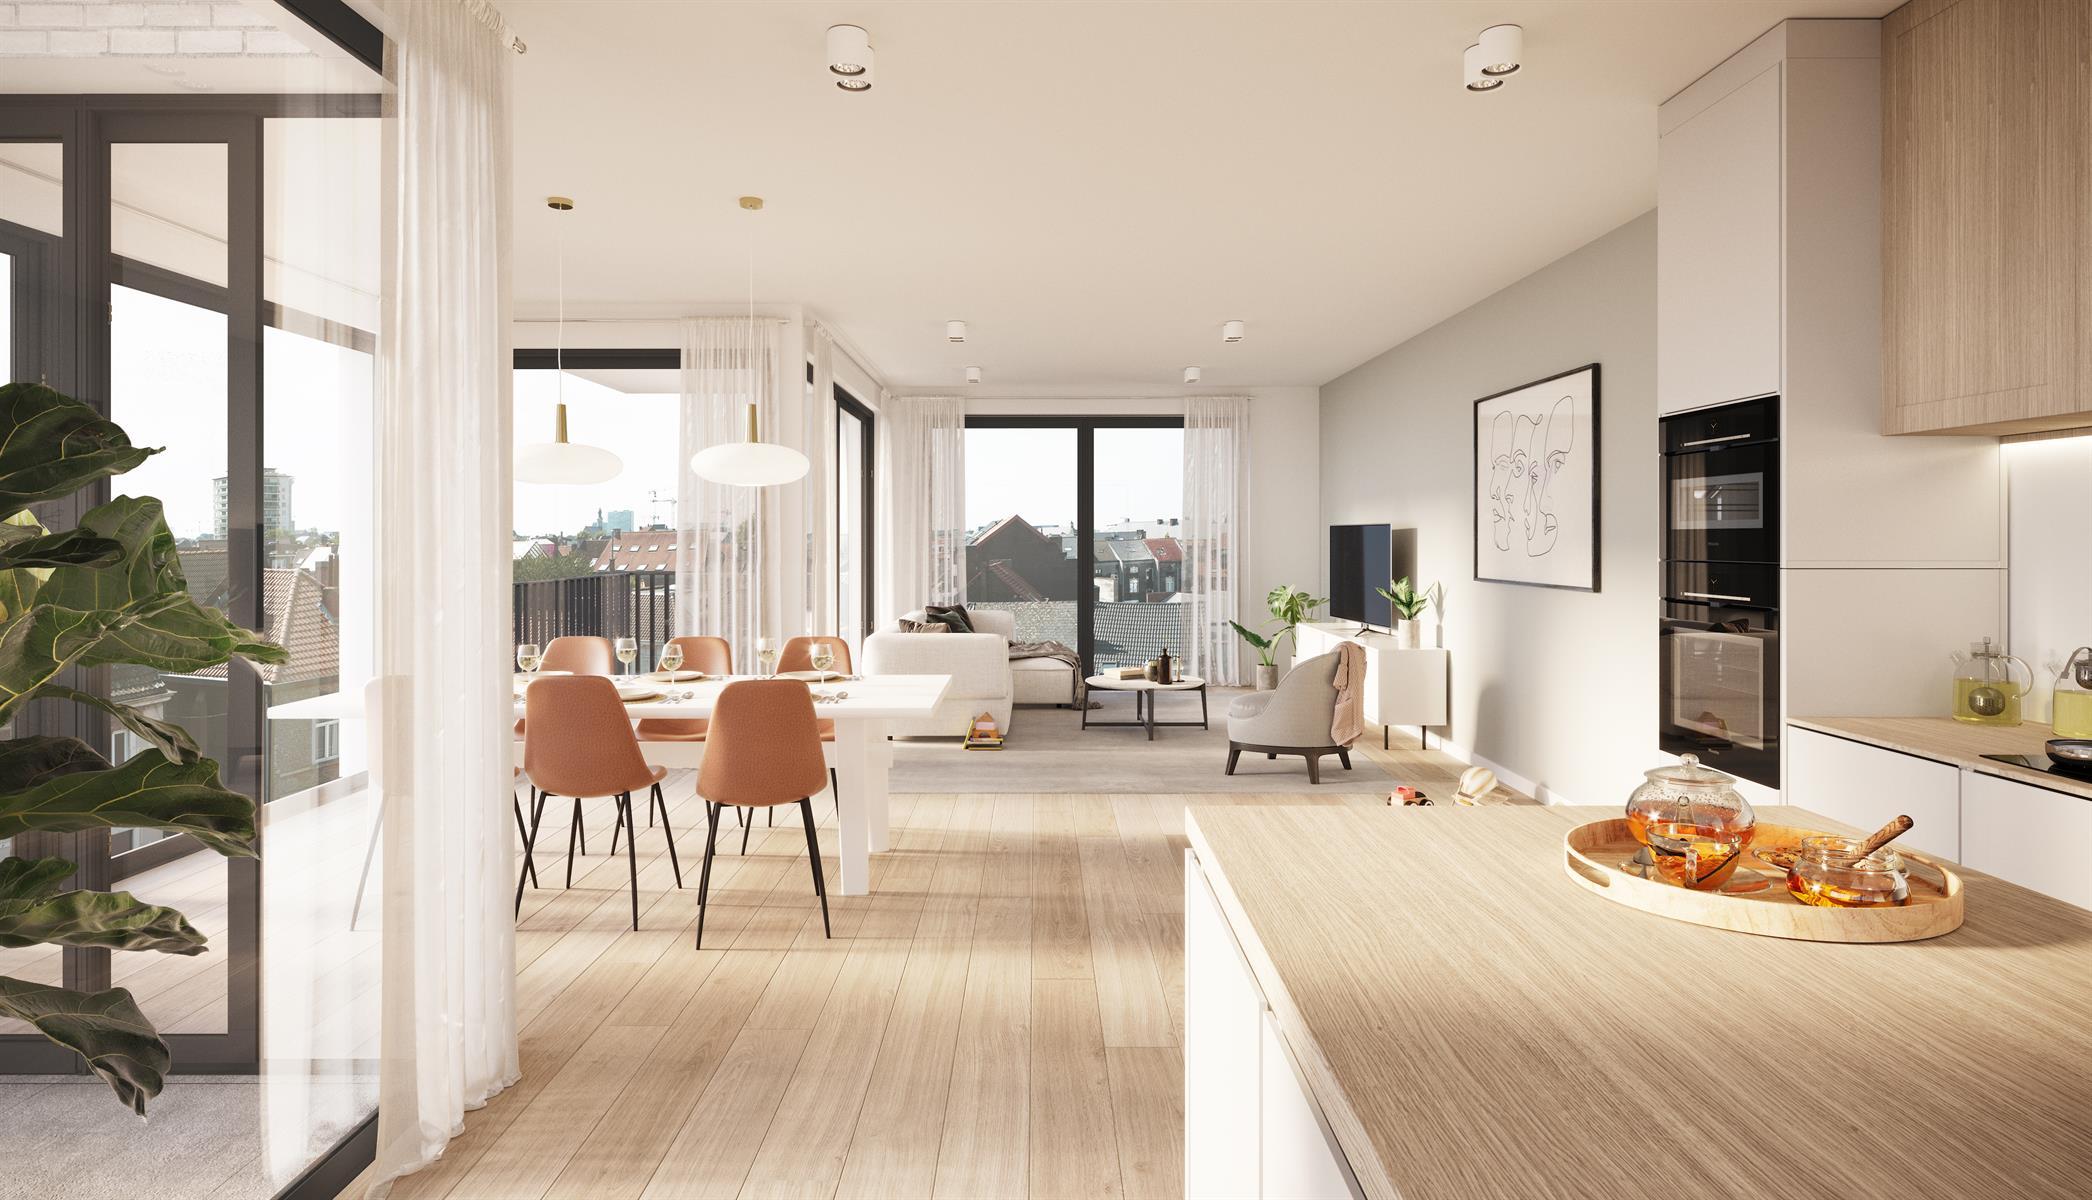 Appartement Te koop Gent App A1.01 - blok A